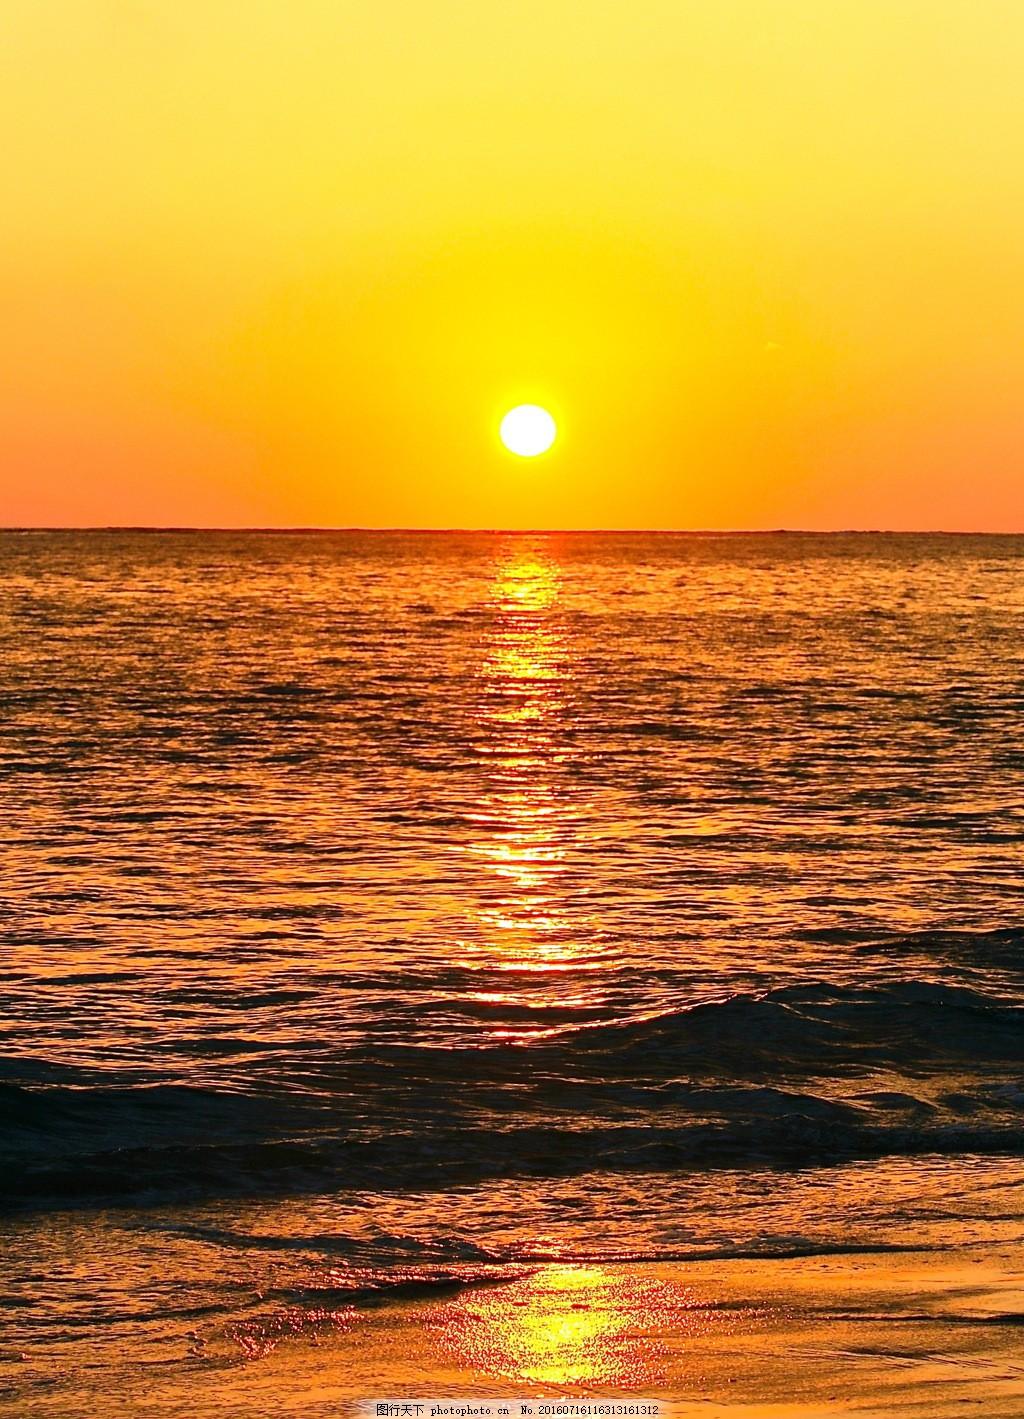 唯美海上日出风景图片素材下载 东升 太阳 日出 云彩 早霞